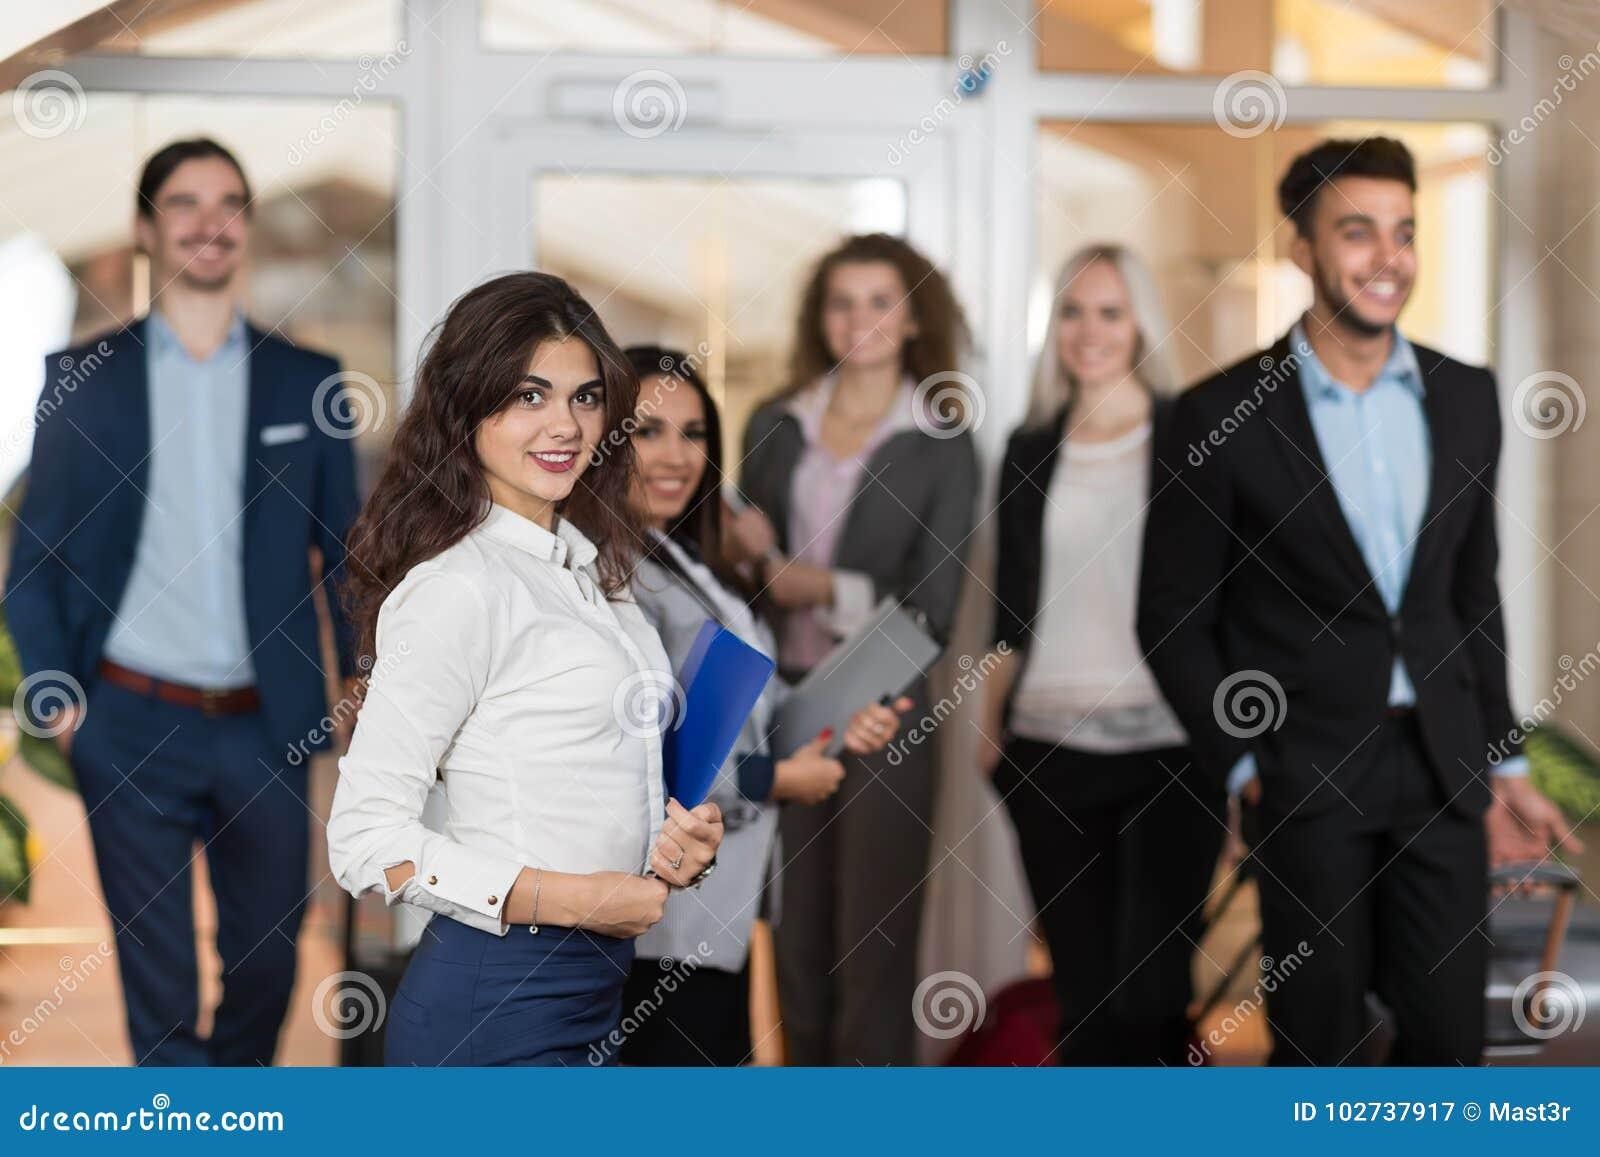 Hotelladministratören Welcome Business People i lobbyen, gäster för grupp för blandningloppBusinesspeople ankommer